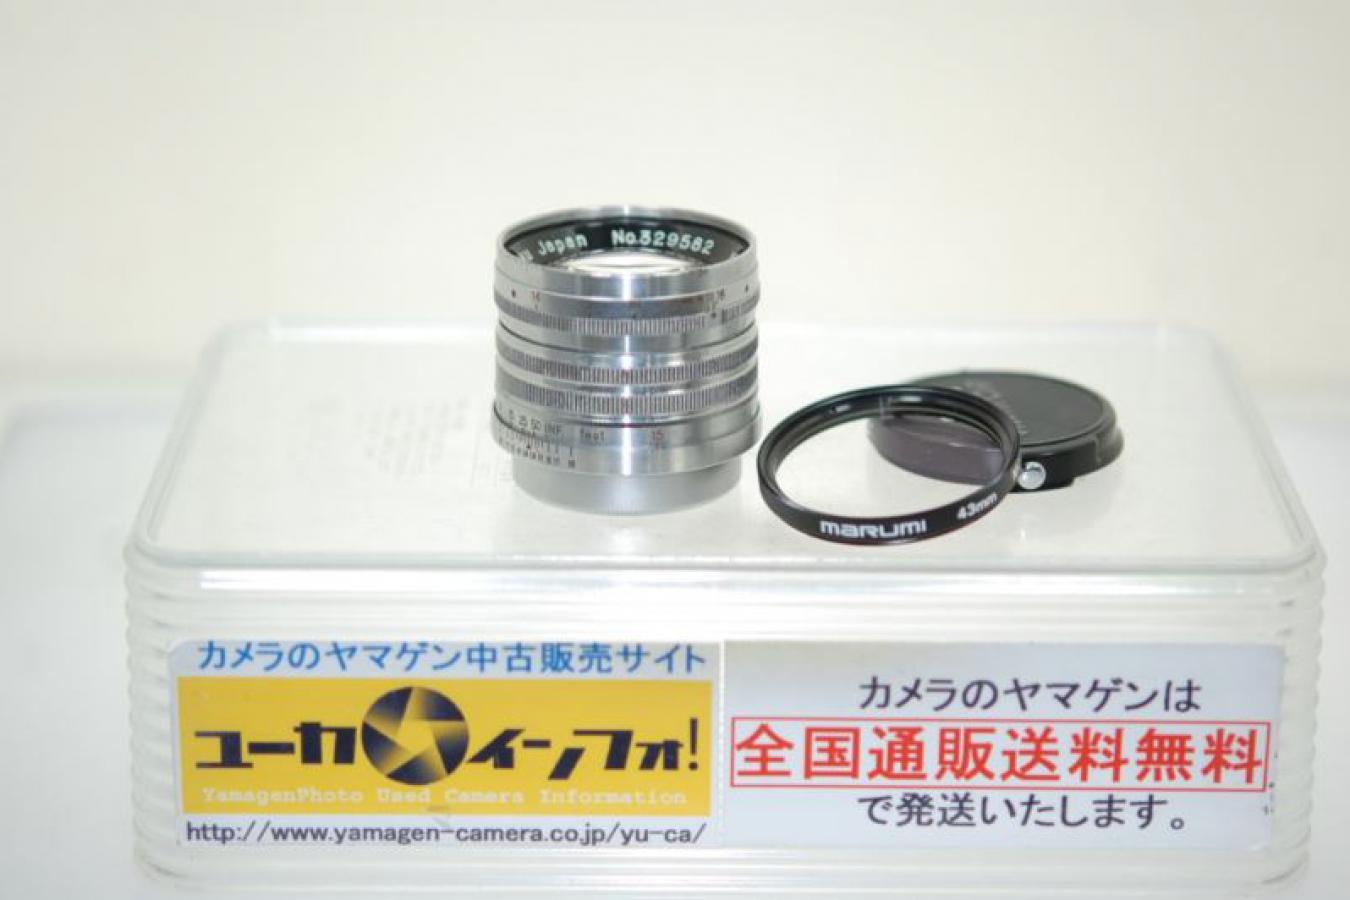 日本光学 NIKKOR-S・C 5cm F1.4 マルミ製43mmMC-UVフィルター付 【ライカLマウントレンズ】